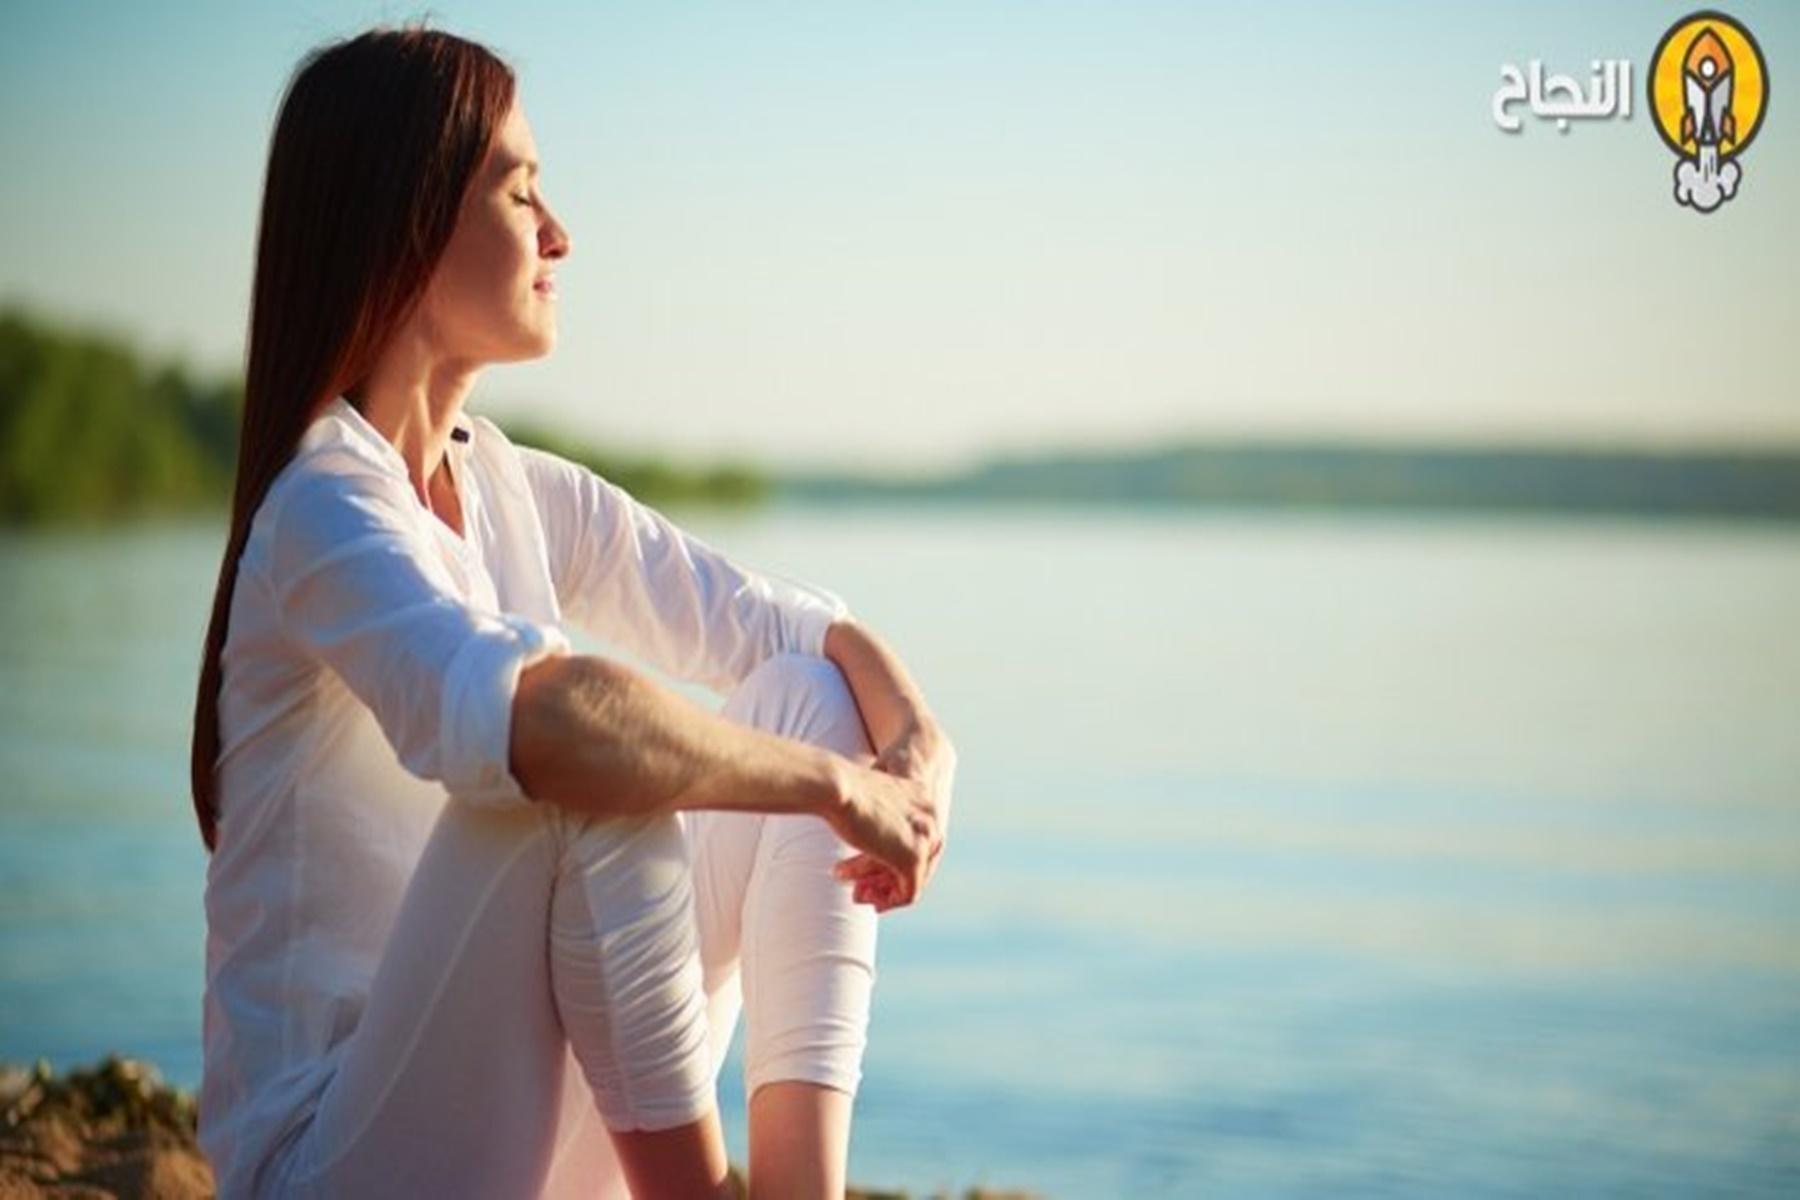 Αυτοφροντίδα : Φτιάξτε την δική σας λίστα ελέγχου